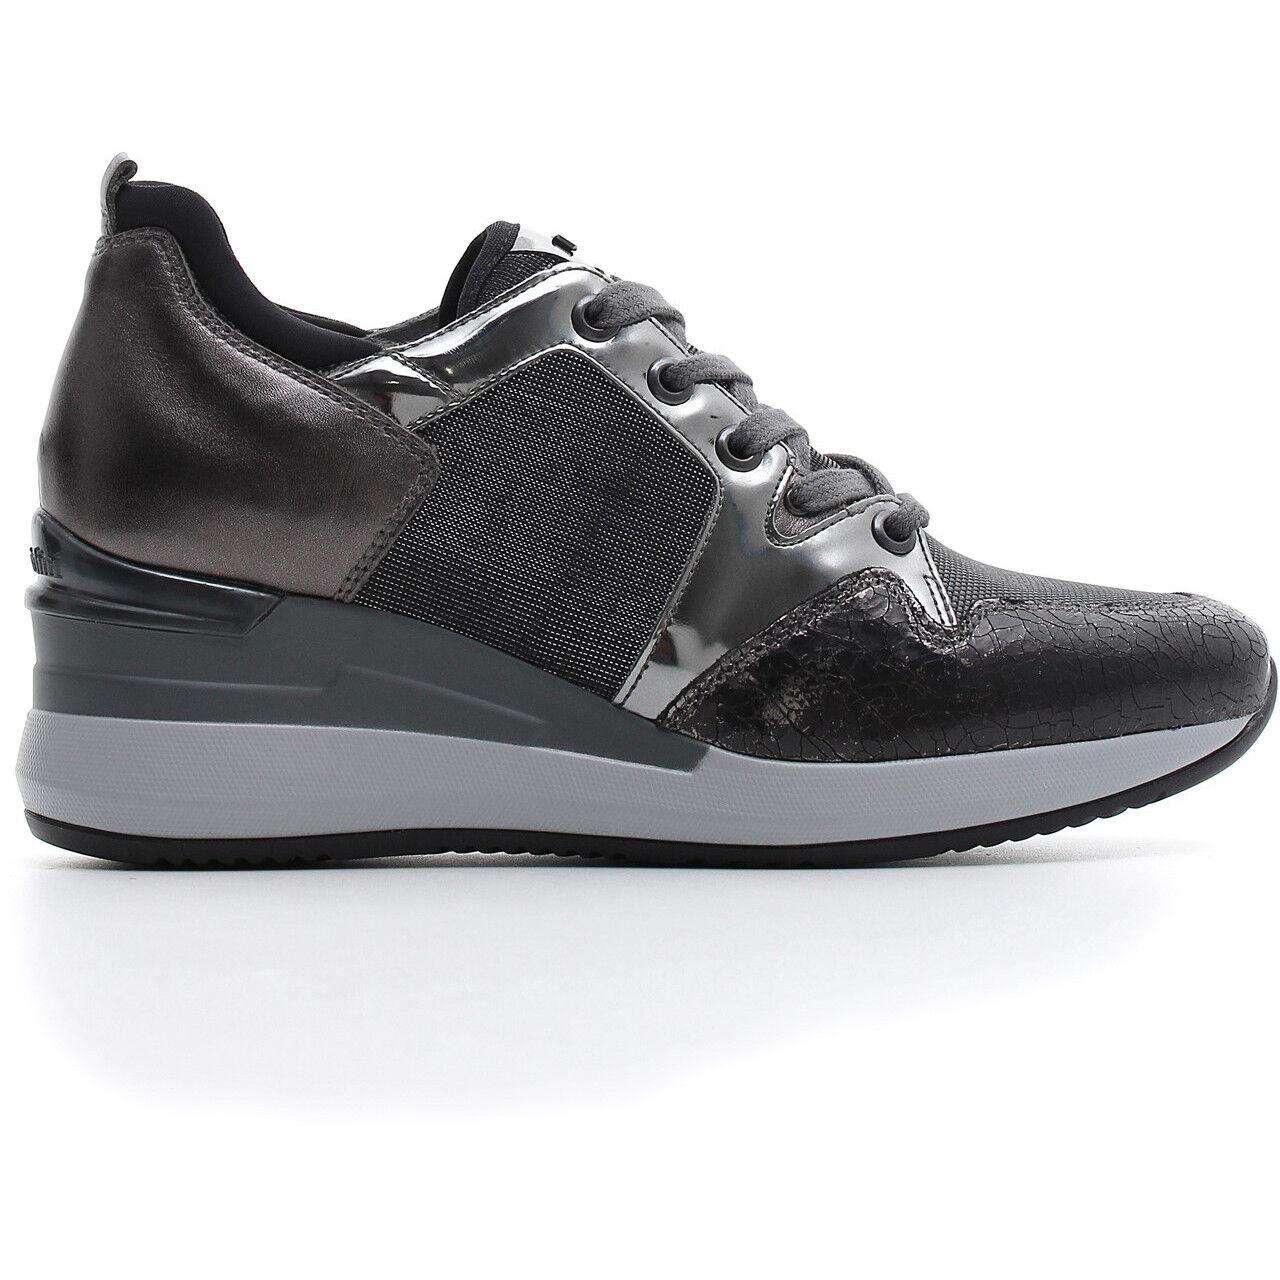 shoes SPORTIVE SNEAKERS AUTUNNO-INVERNO blackGIARDINI NUOVA NUOVA NUOVA COLLEZIONE A806610D cc6fb4